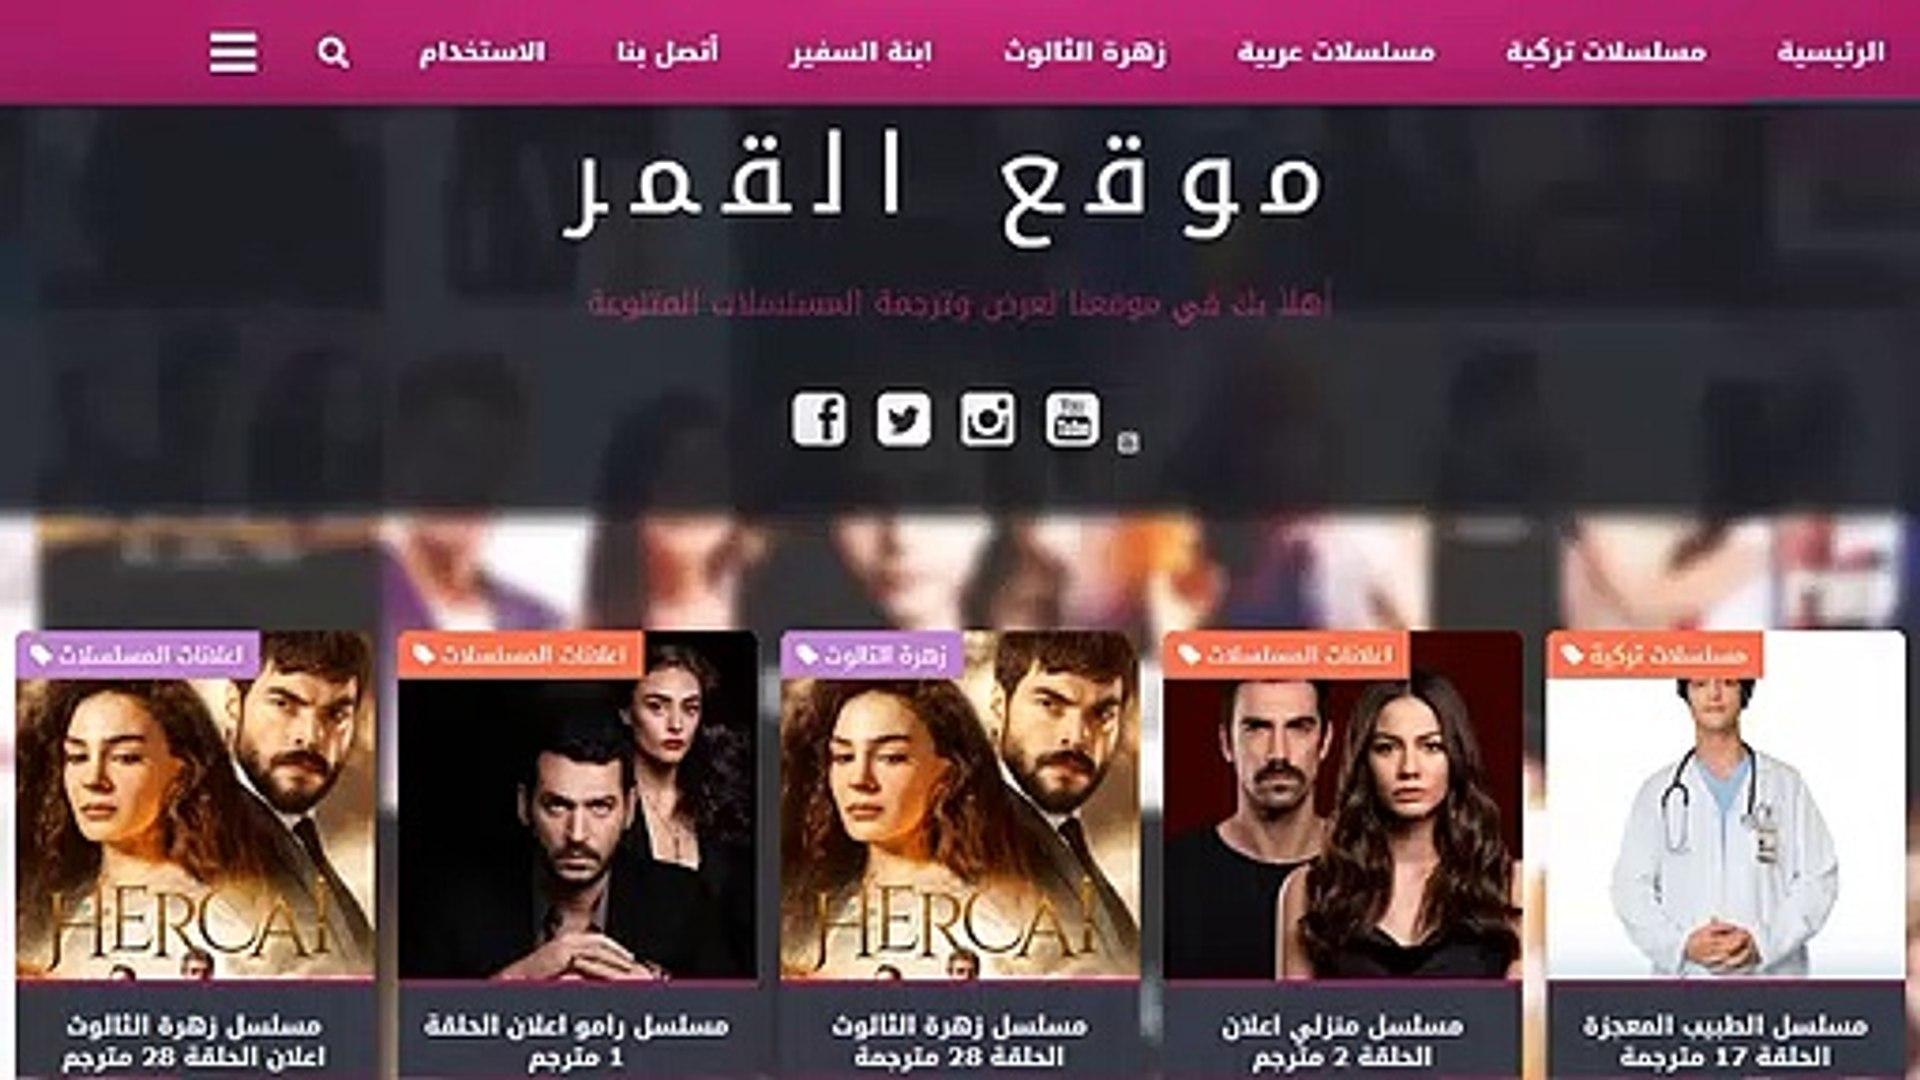 مسلسل المؤسس عثمان الحلقة 7 مترجمة للعربية - تكملة الحلقة في موقع القمر للدخول اليه ابحث عنه في قوقو